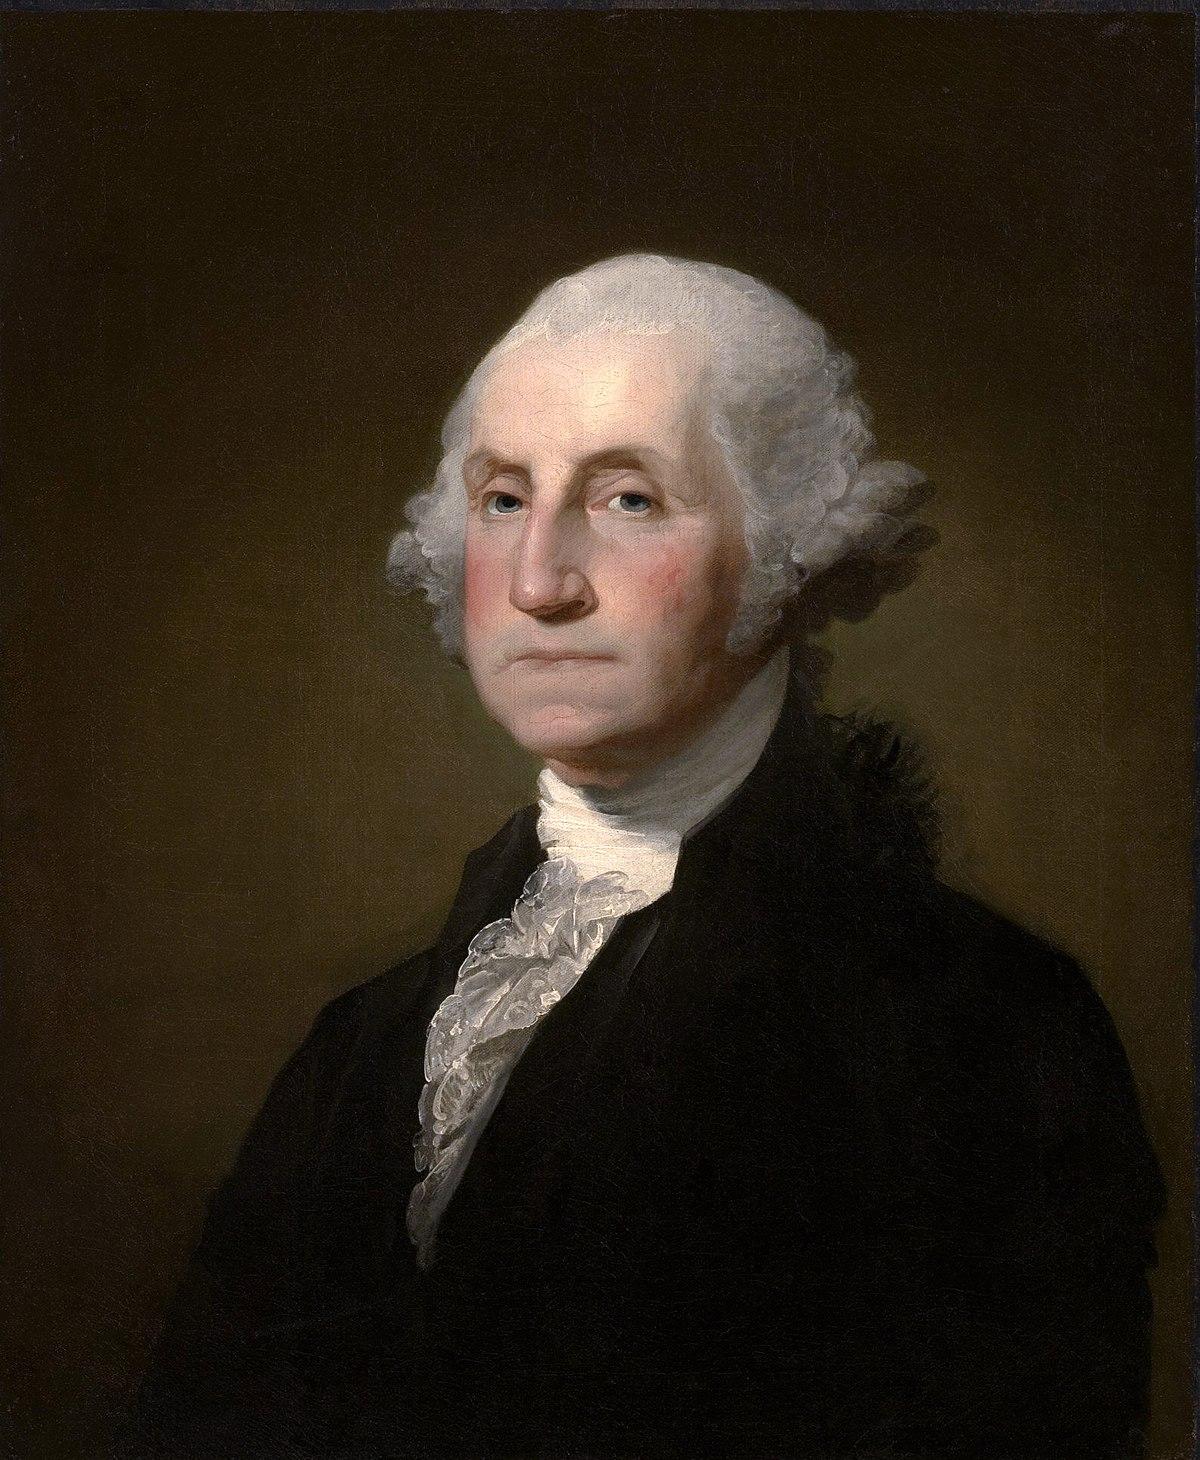 George Washington Joseph Smith Foundation